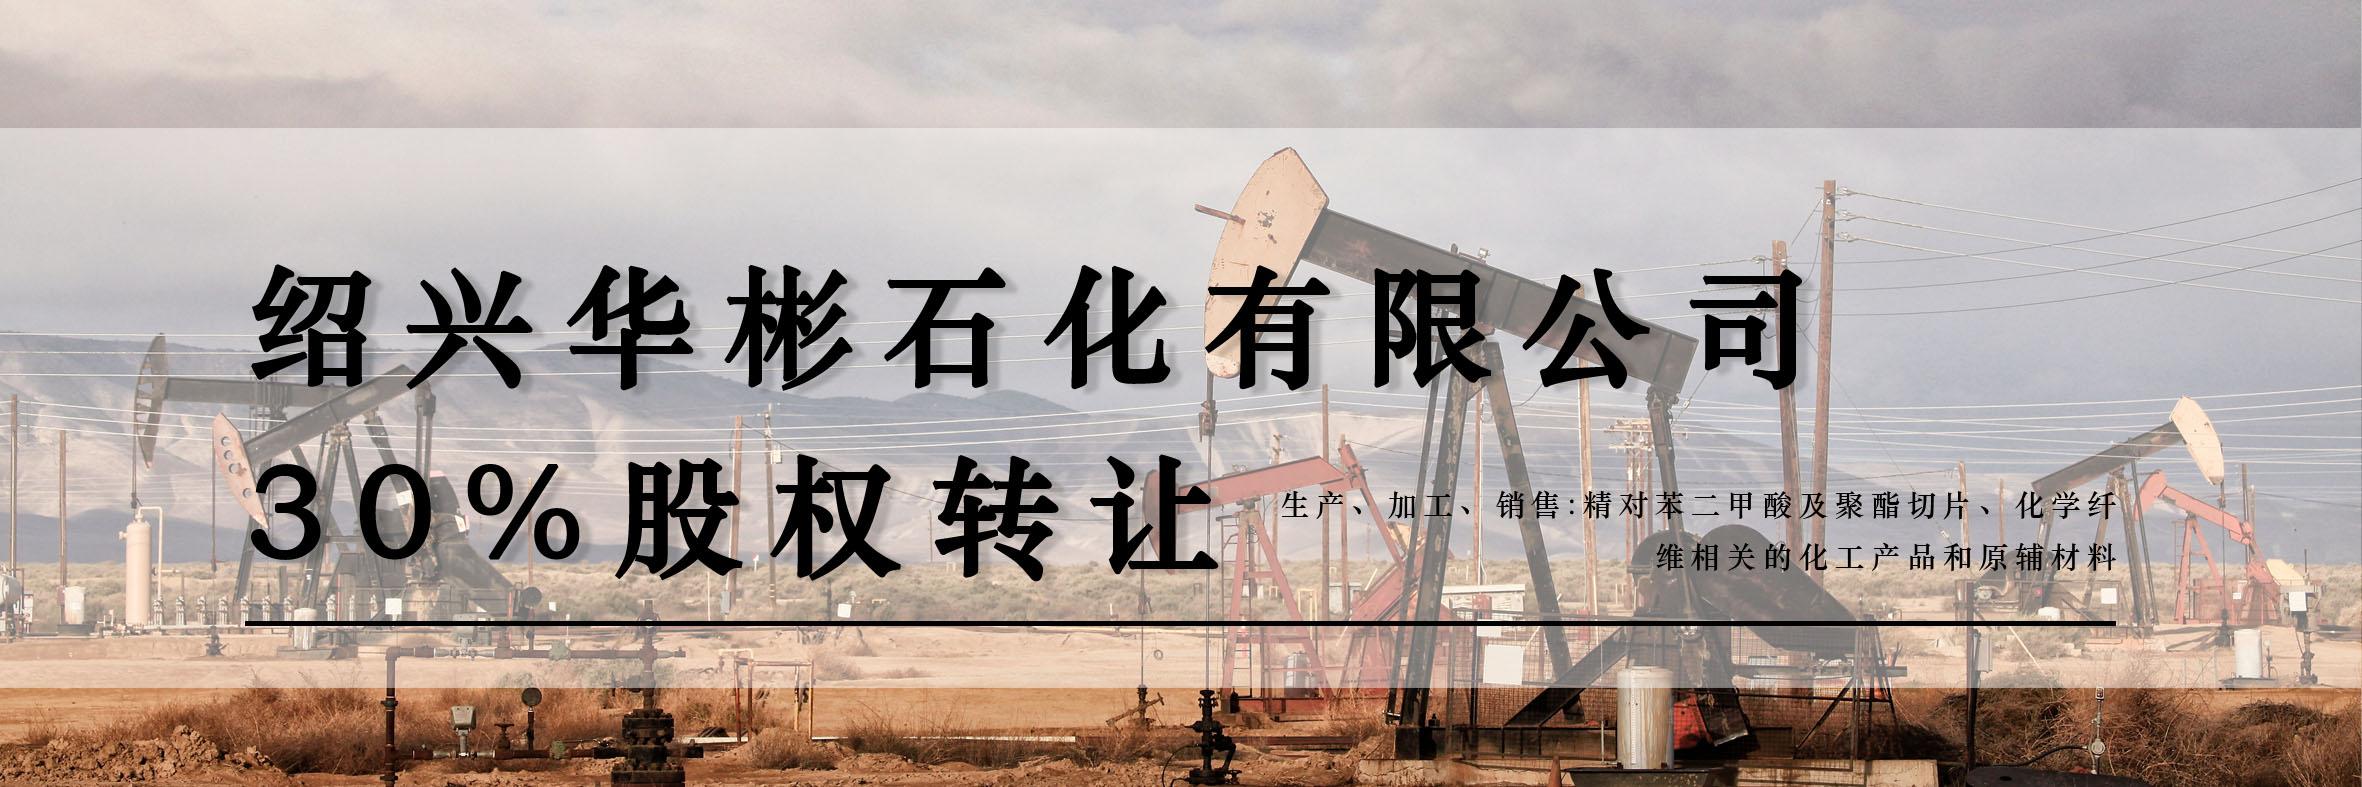 绍兴华彬石化有限公司30%股权转让